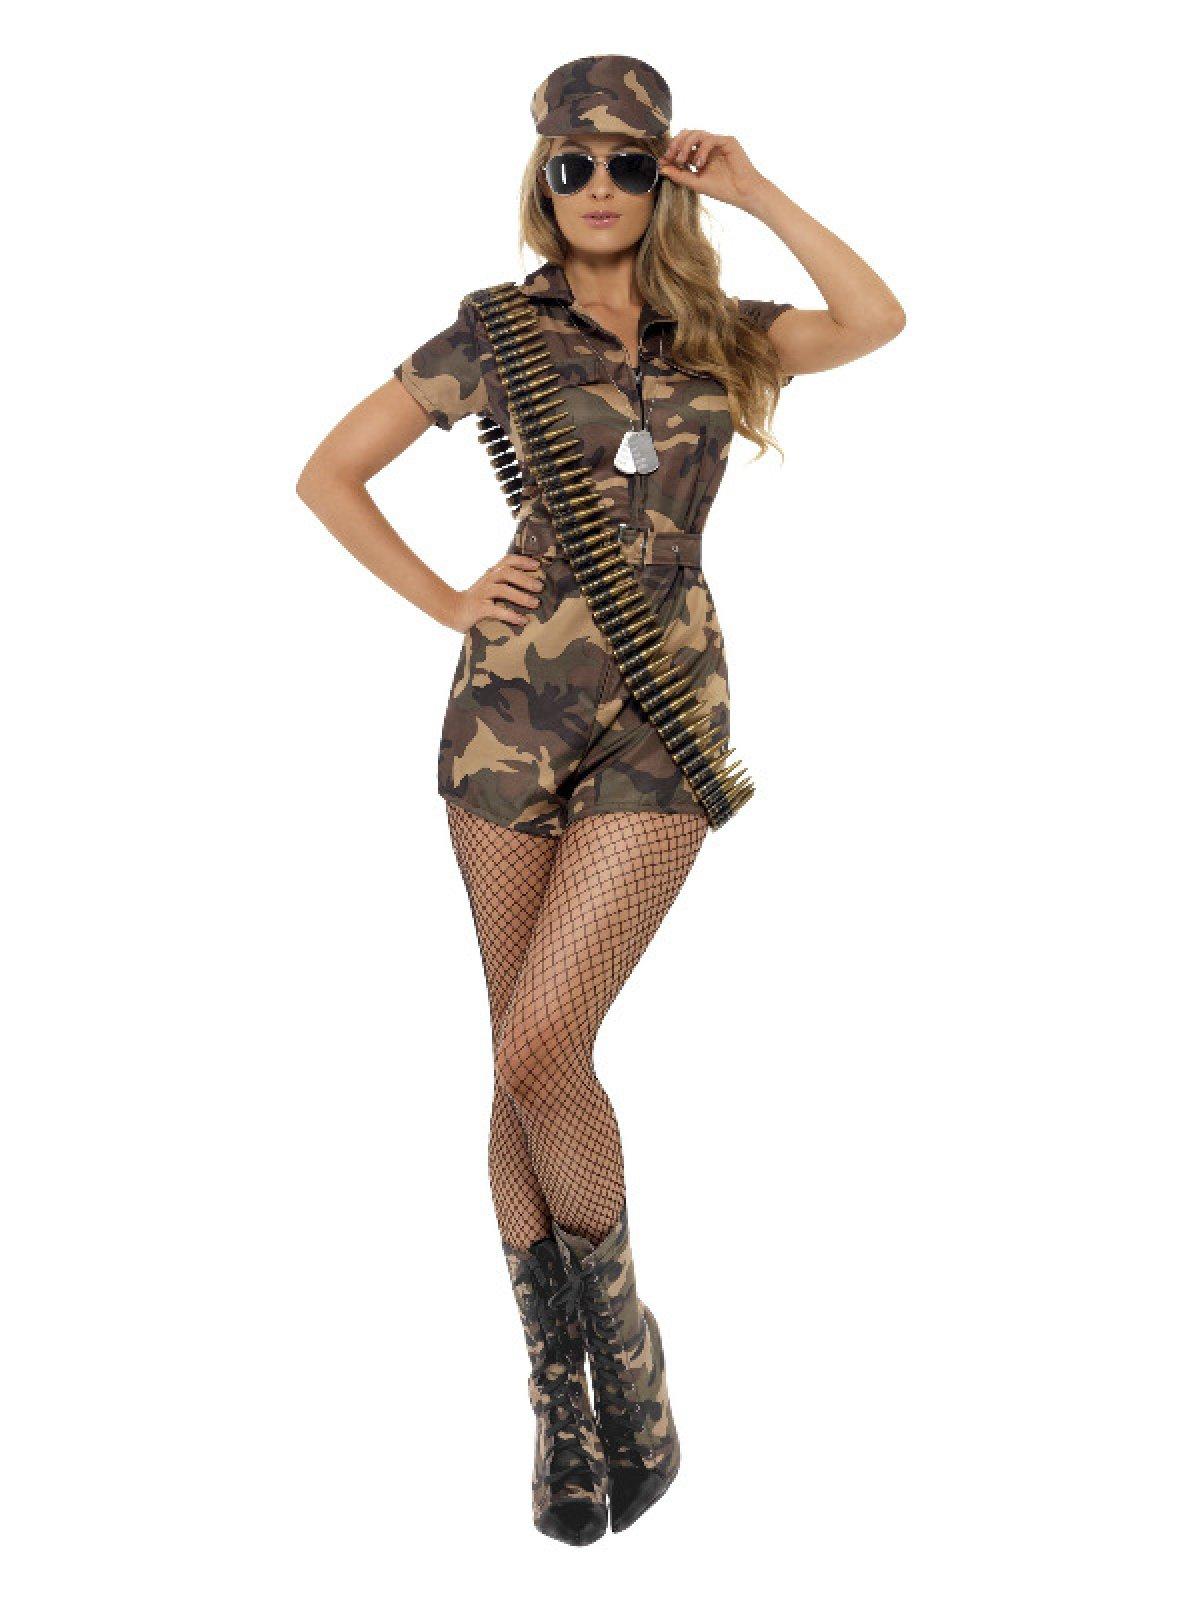 Køb Militær Kostume til kun 199 kr   Lynhurtig 24t